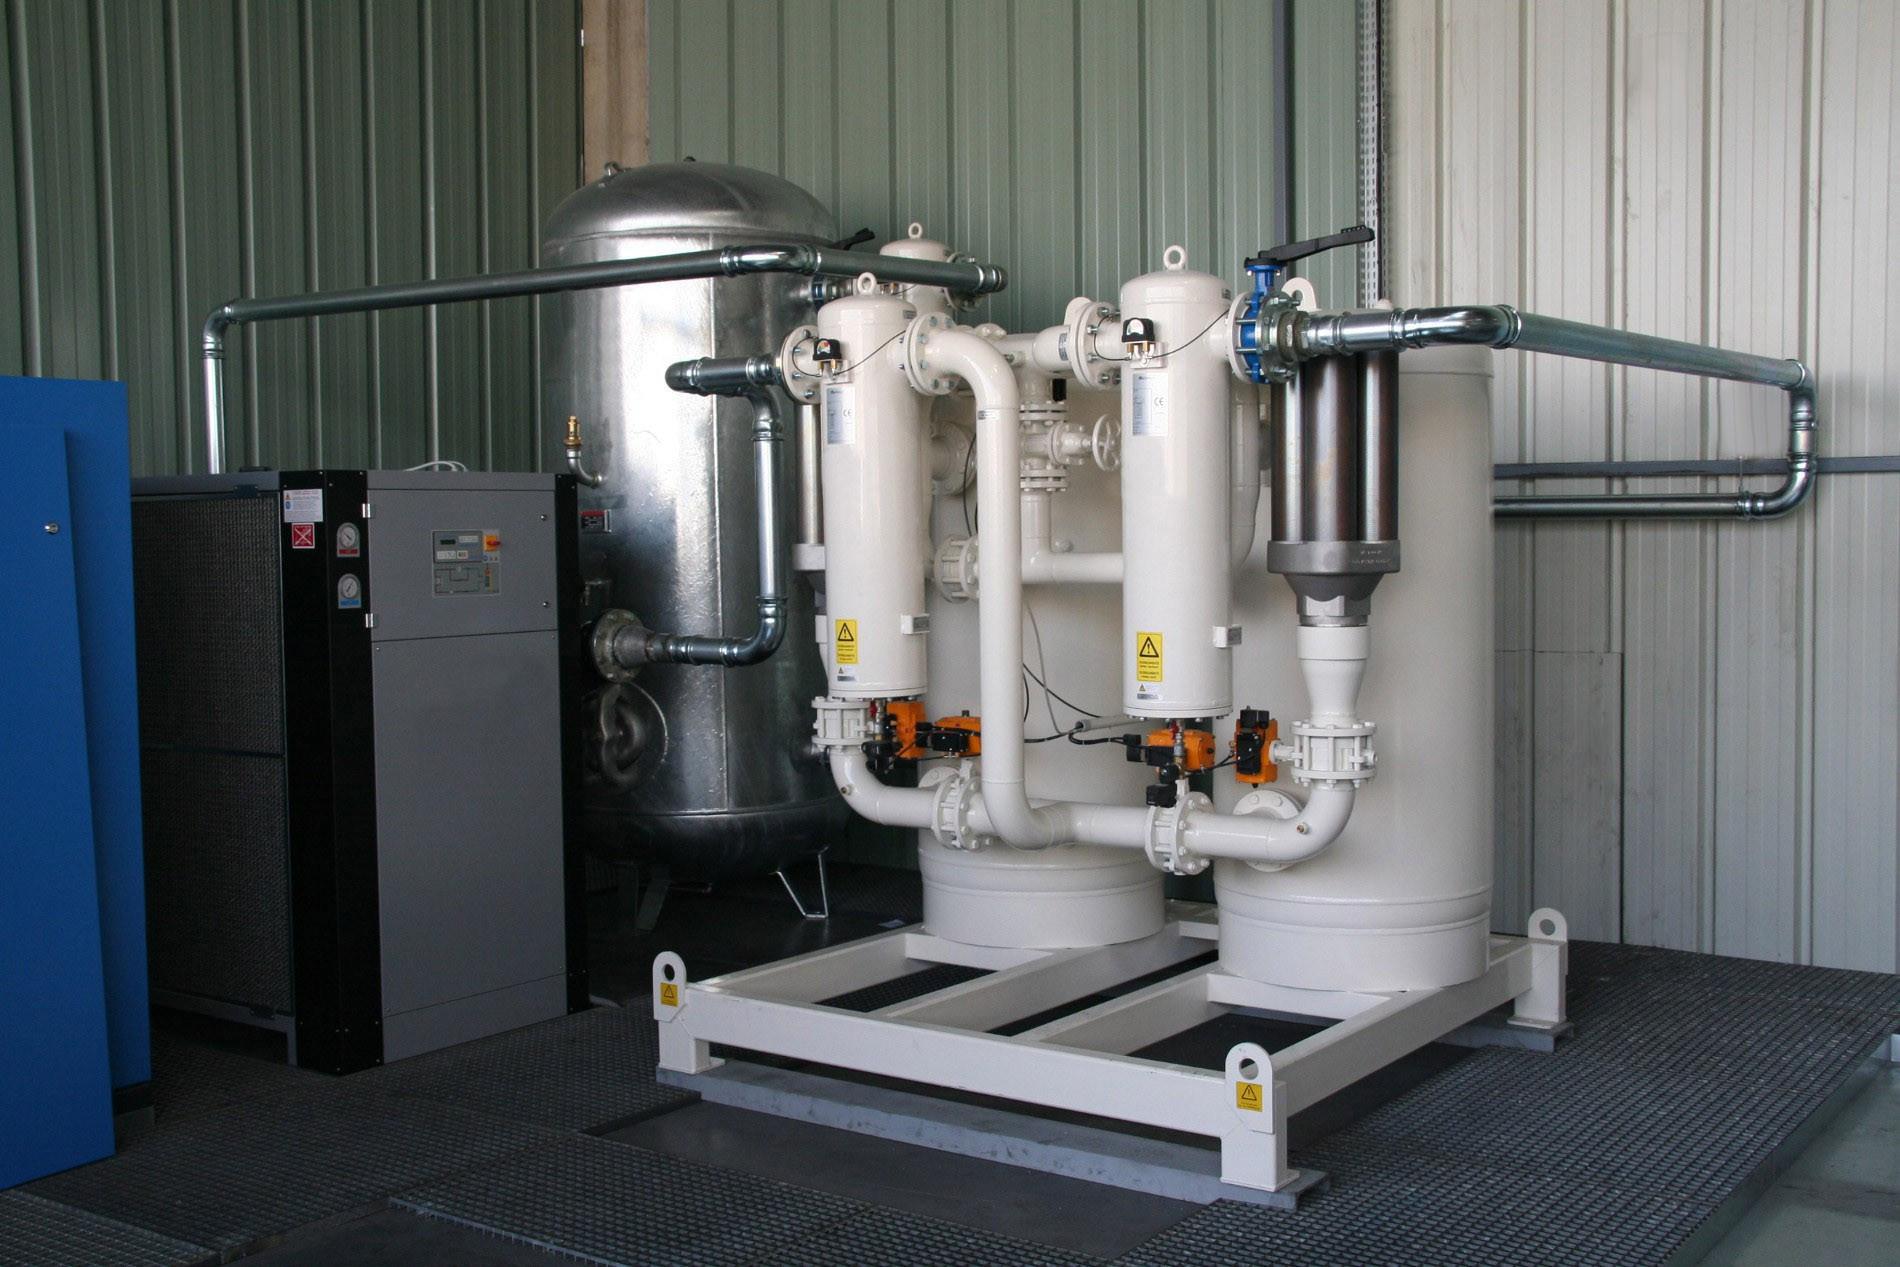 Dryer Eurodry